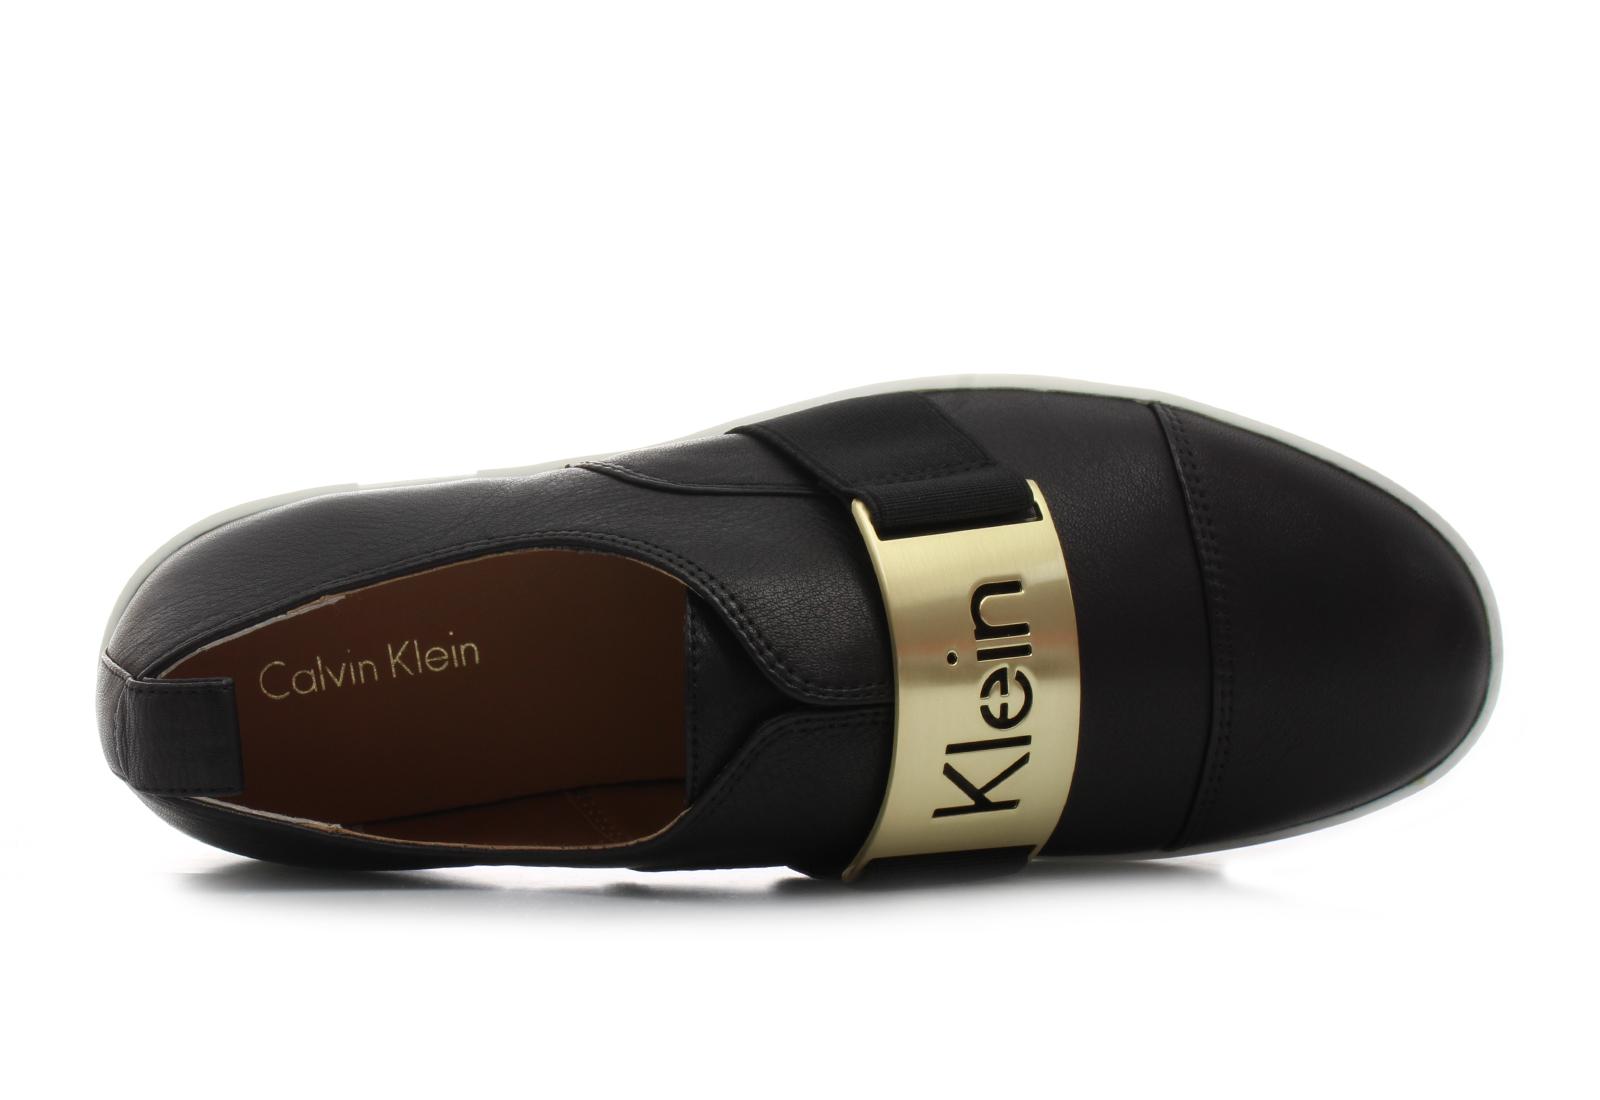 73906ae112 Calvin Klein Black Label Shoes - Ilona - E5681-BLK - Online shop for ...